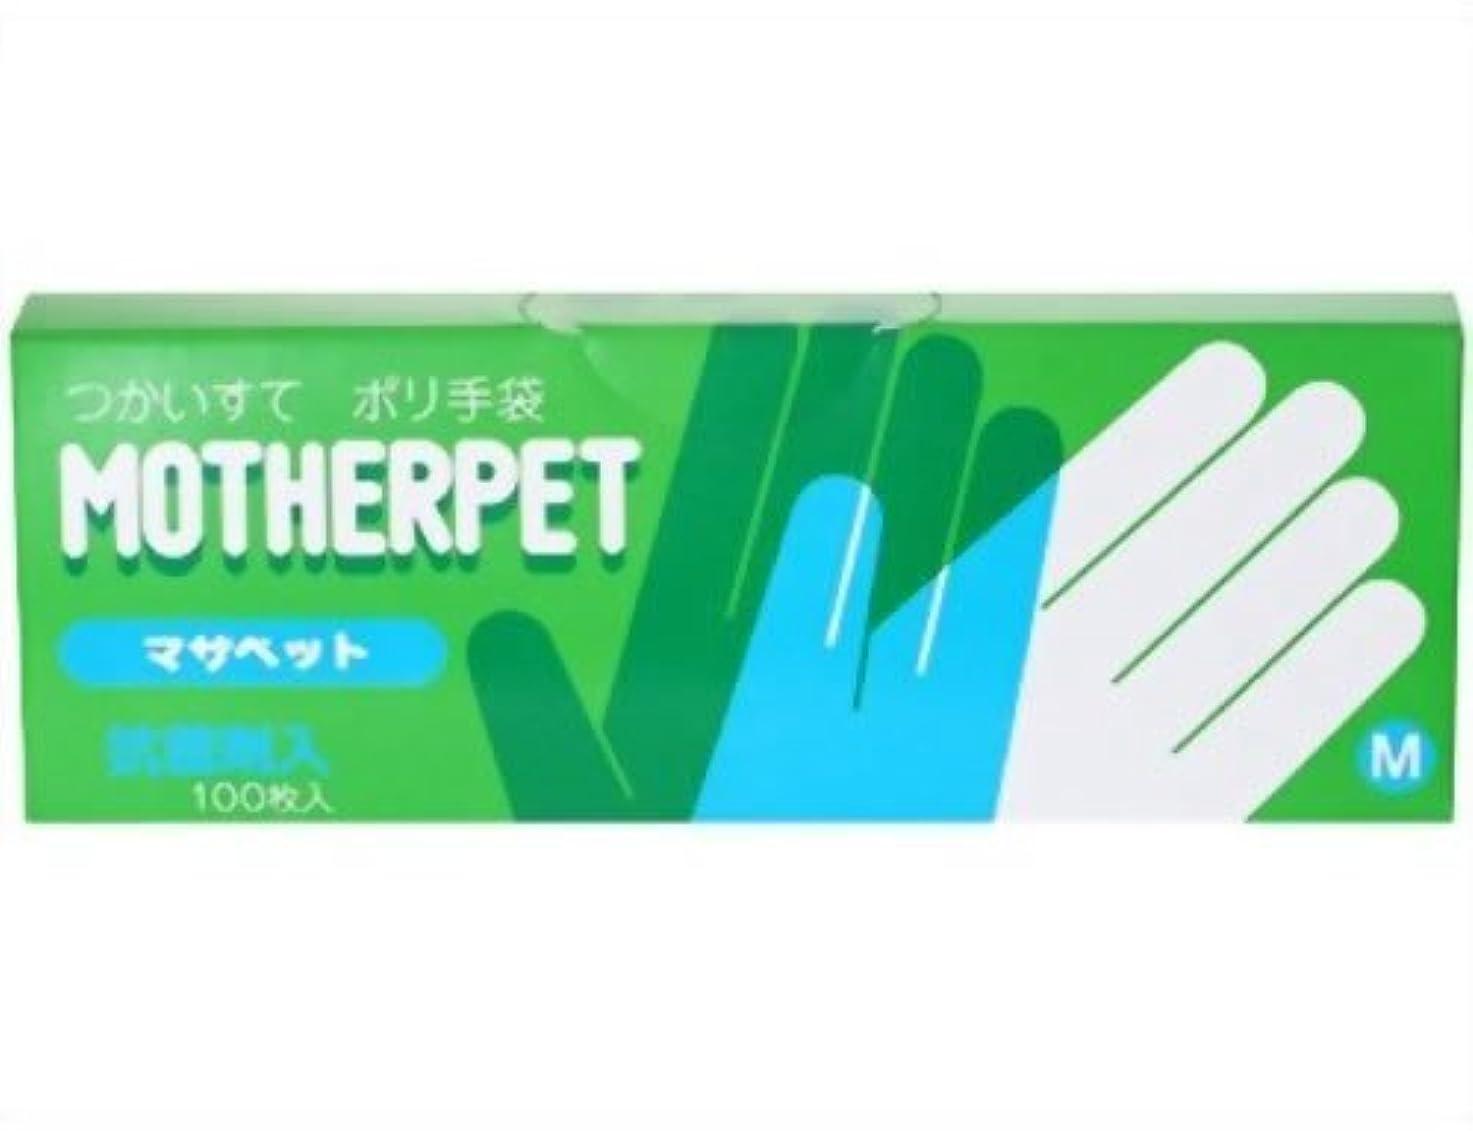 宇都宮製作 マザペット ポリ手袋 M 100枚入 × 15個セット